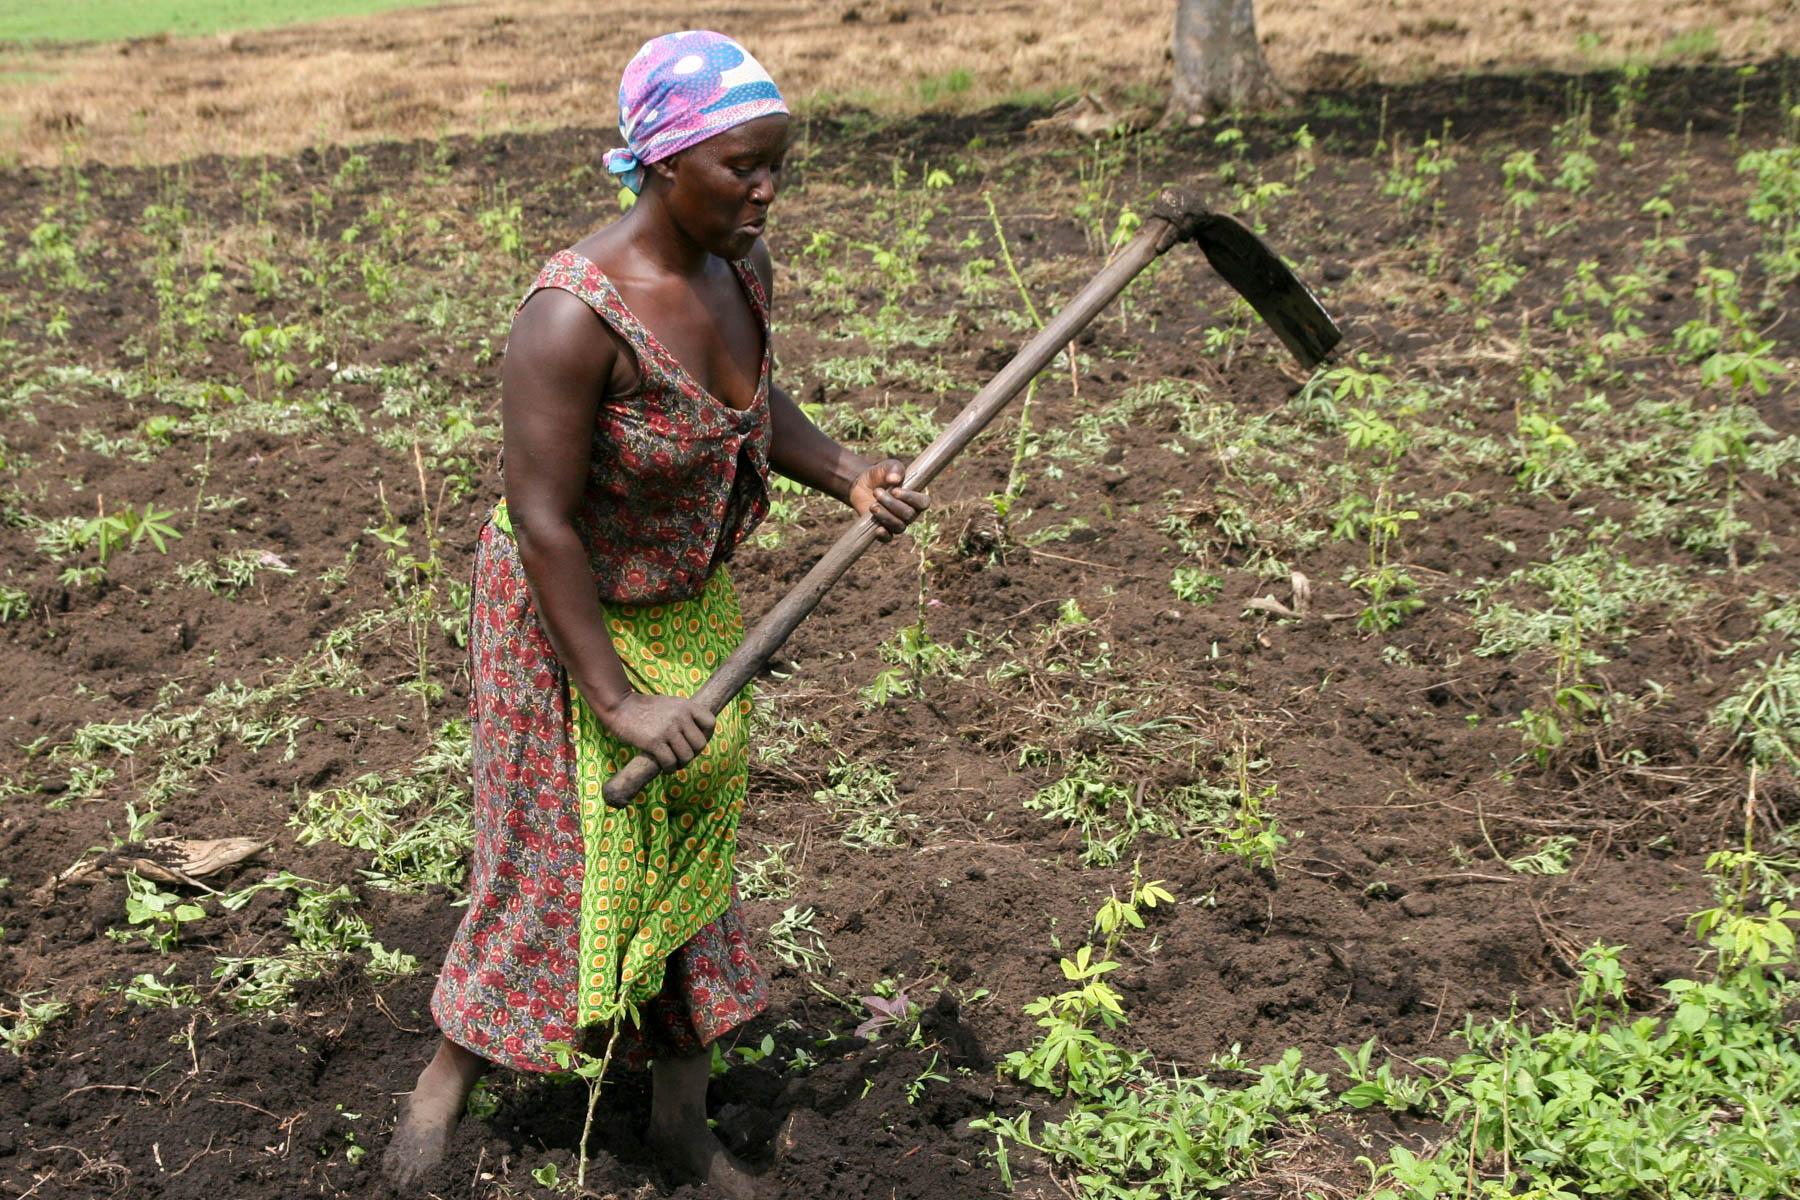 Frauen machen 80 Prozent der Feldarbeit